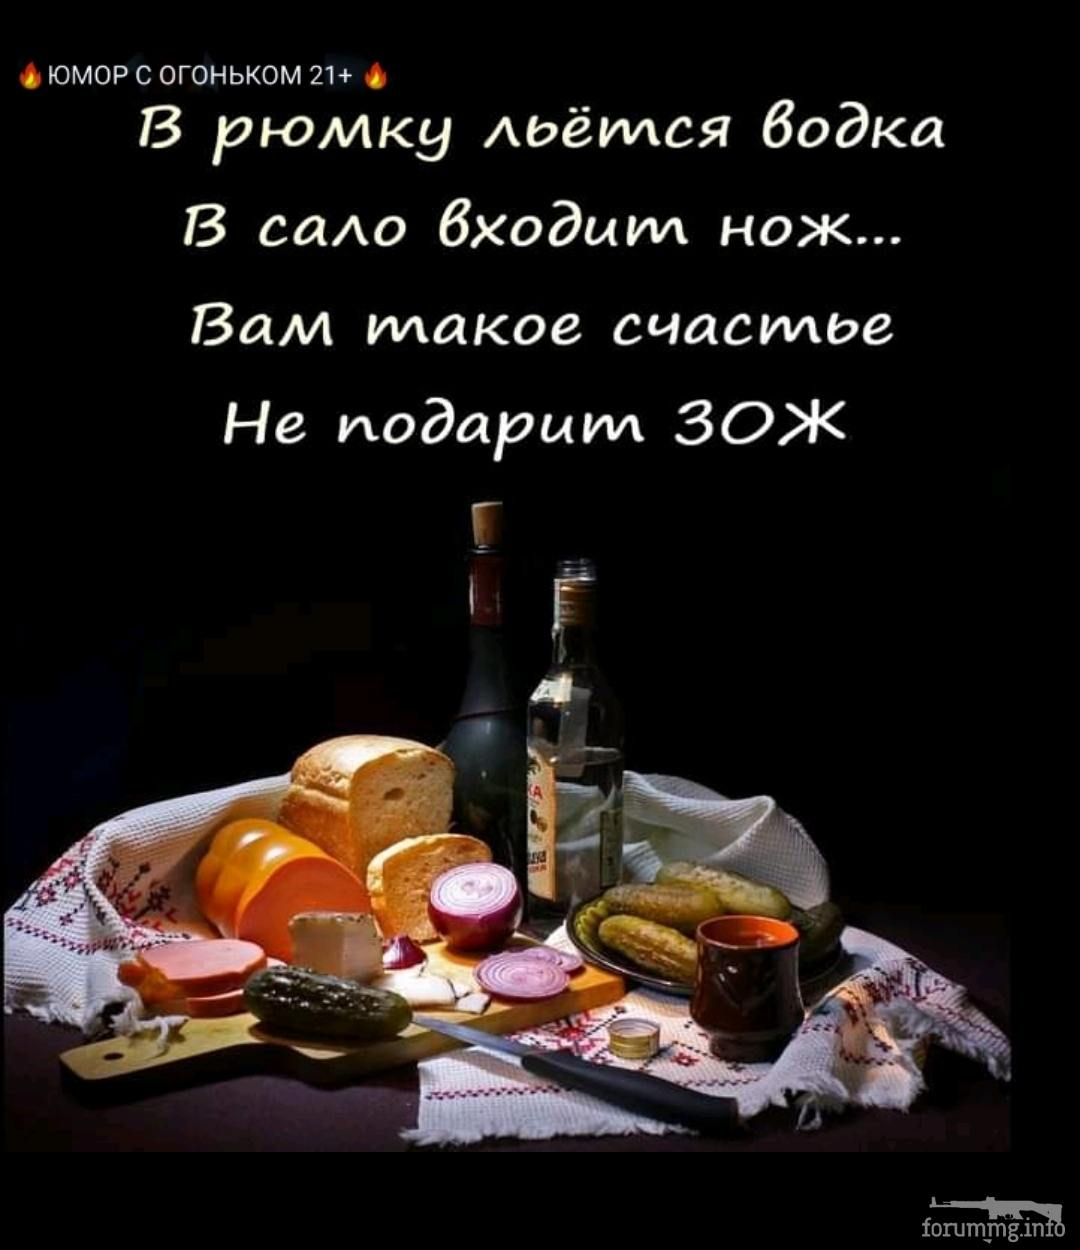 135589 - Пить или не пить? - пятничная алкогольная тема )))